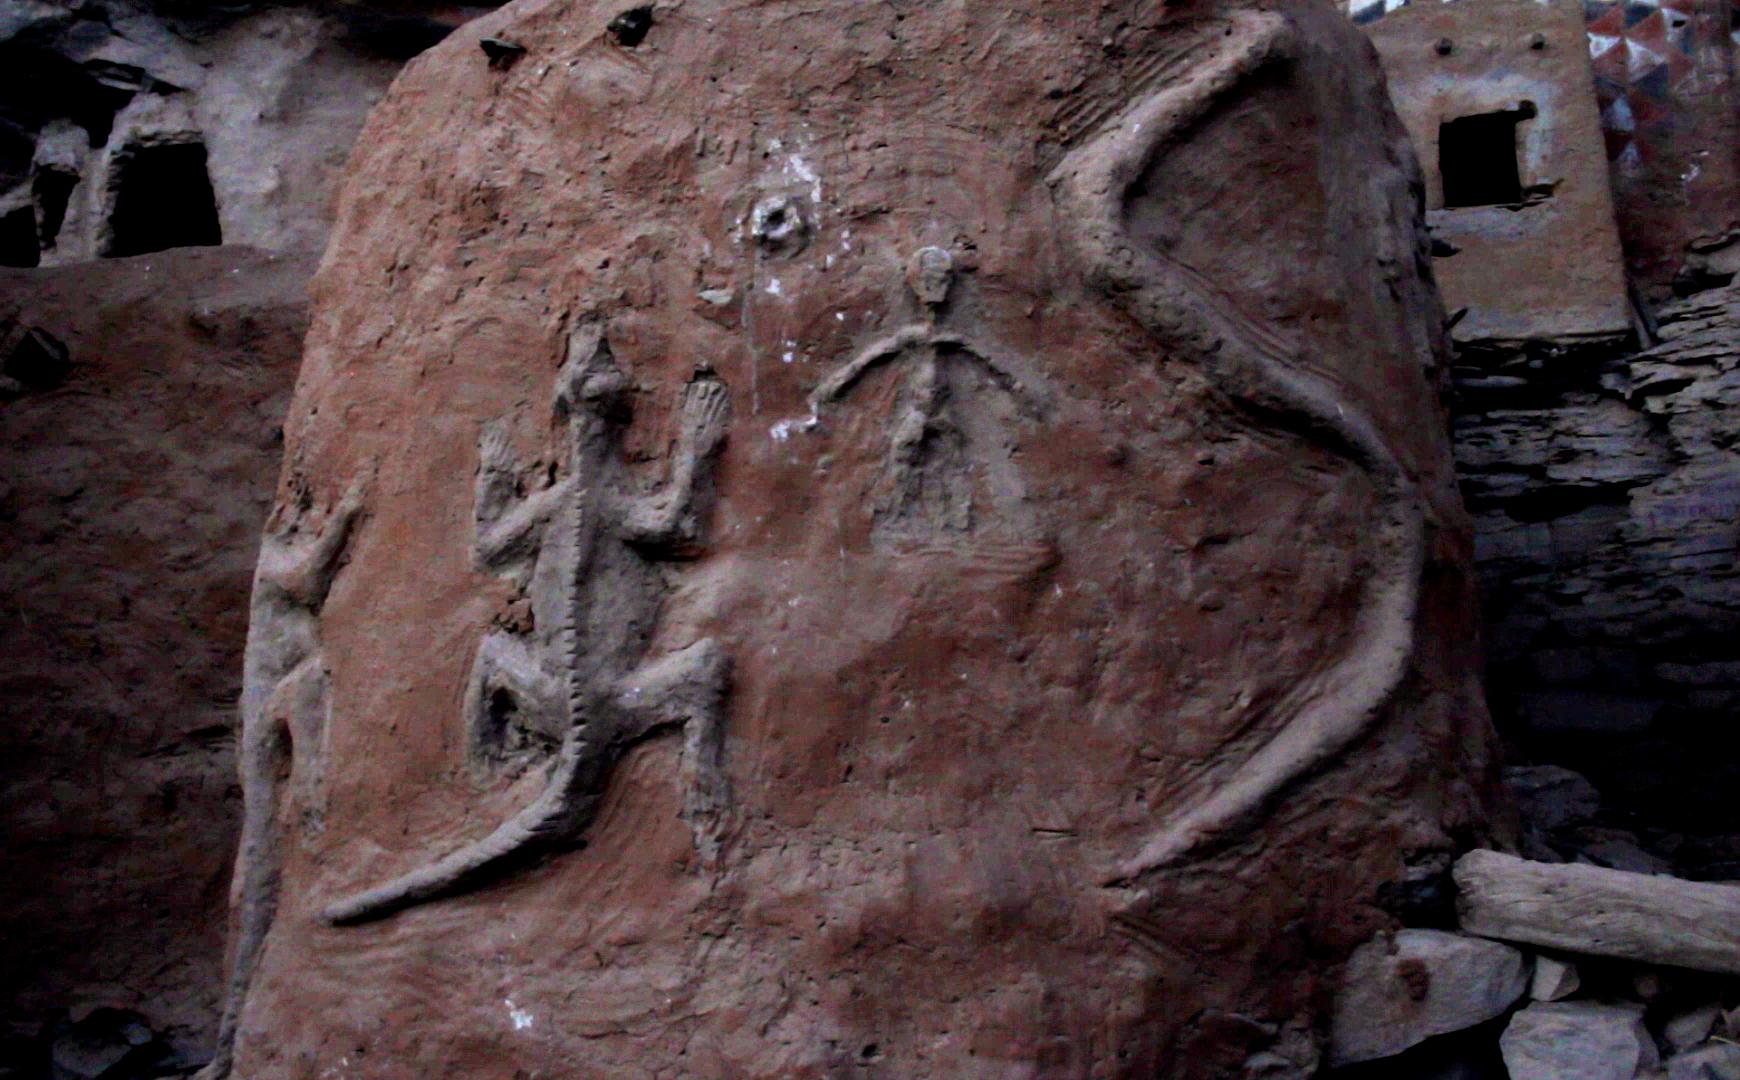 serpiente lebe teli pablocaminante - Malí 7, País Dogon IV: Tellem